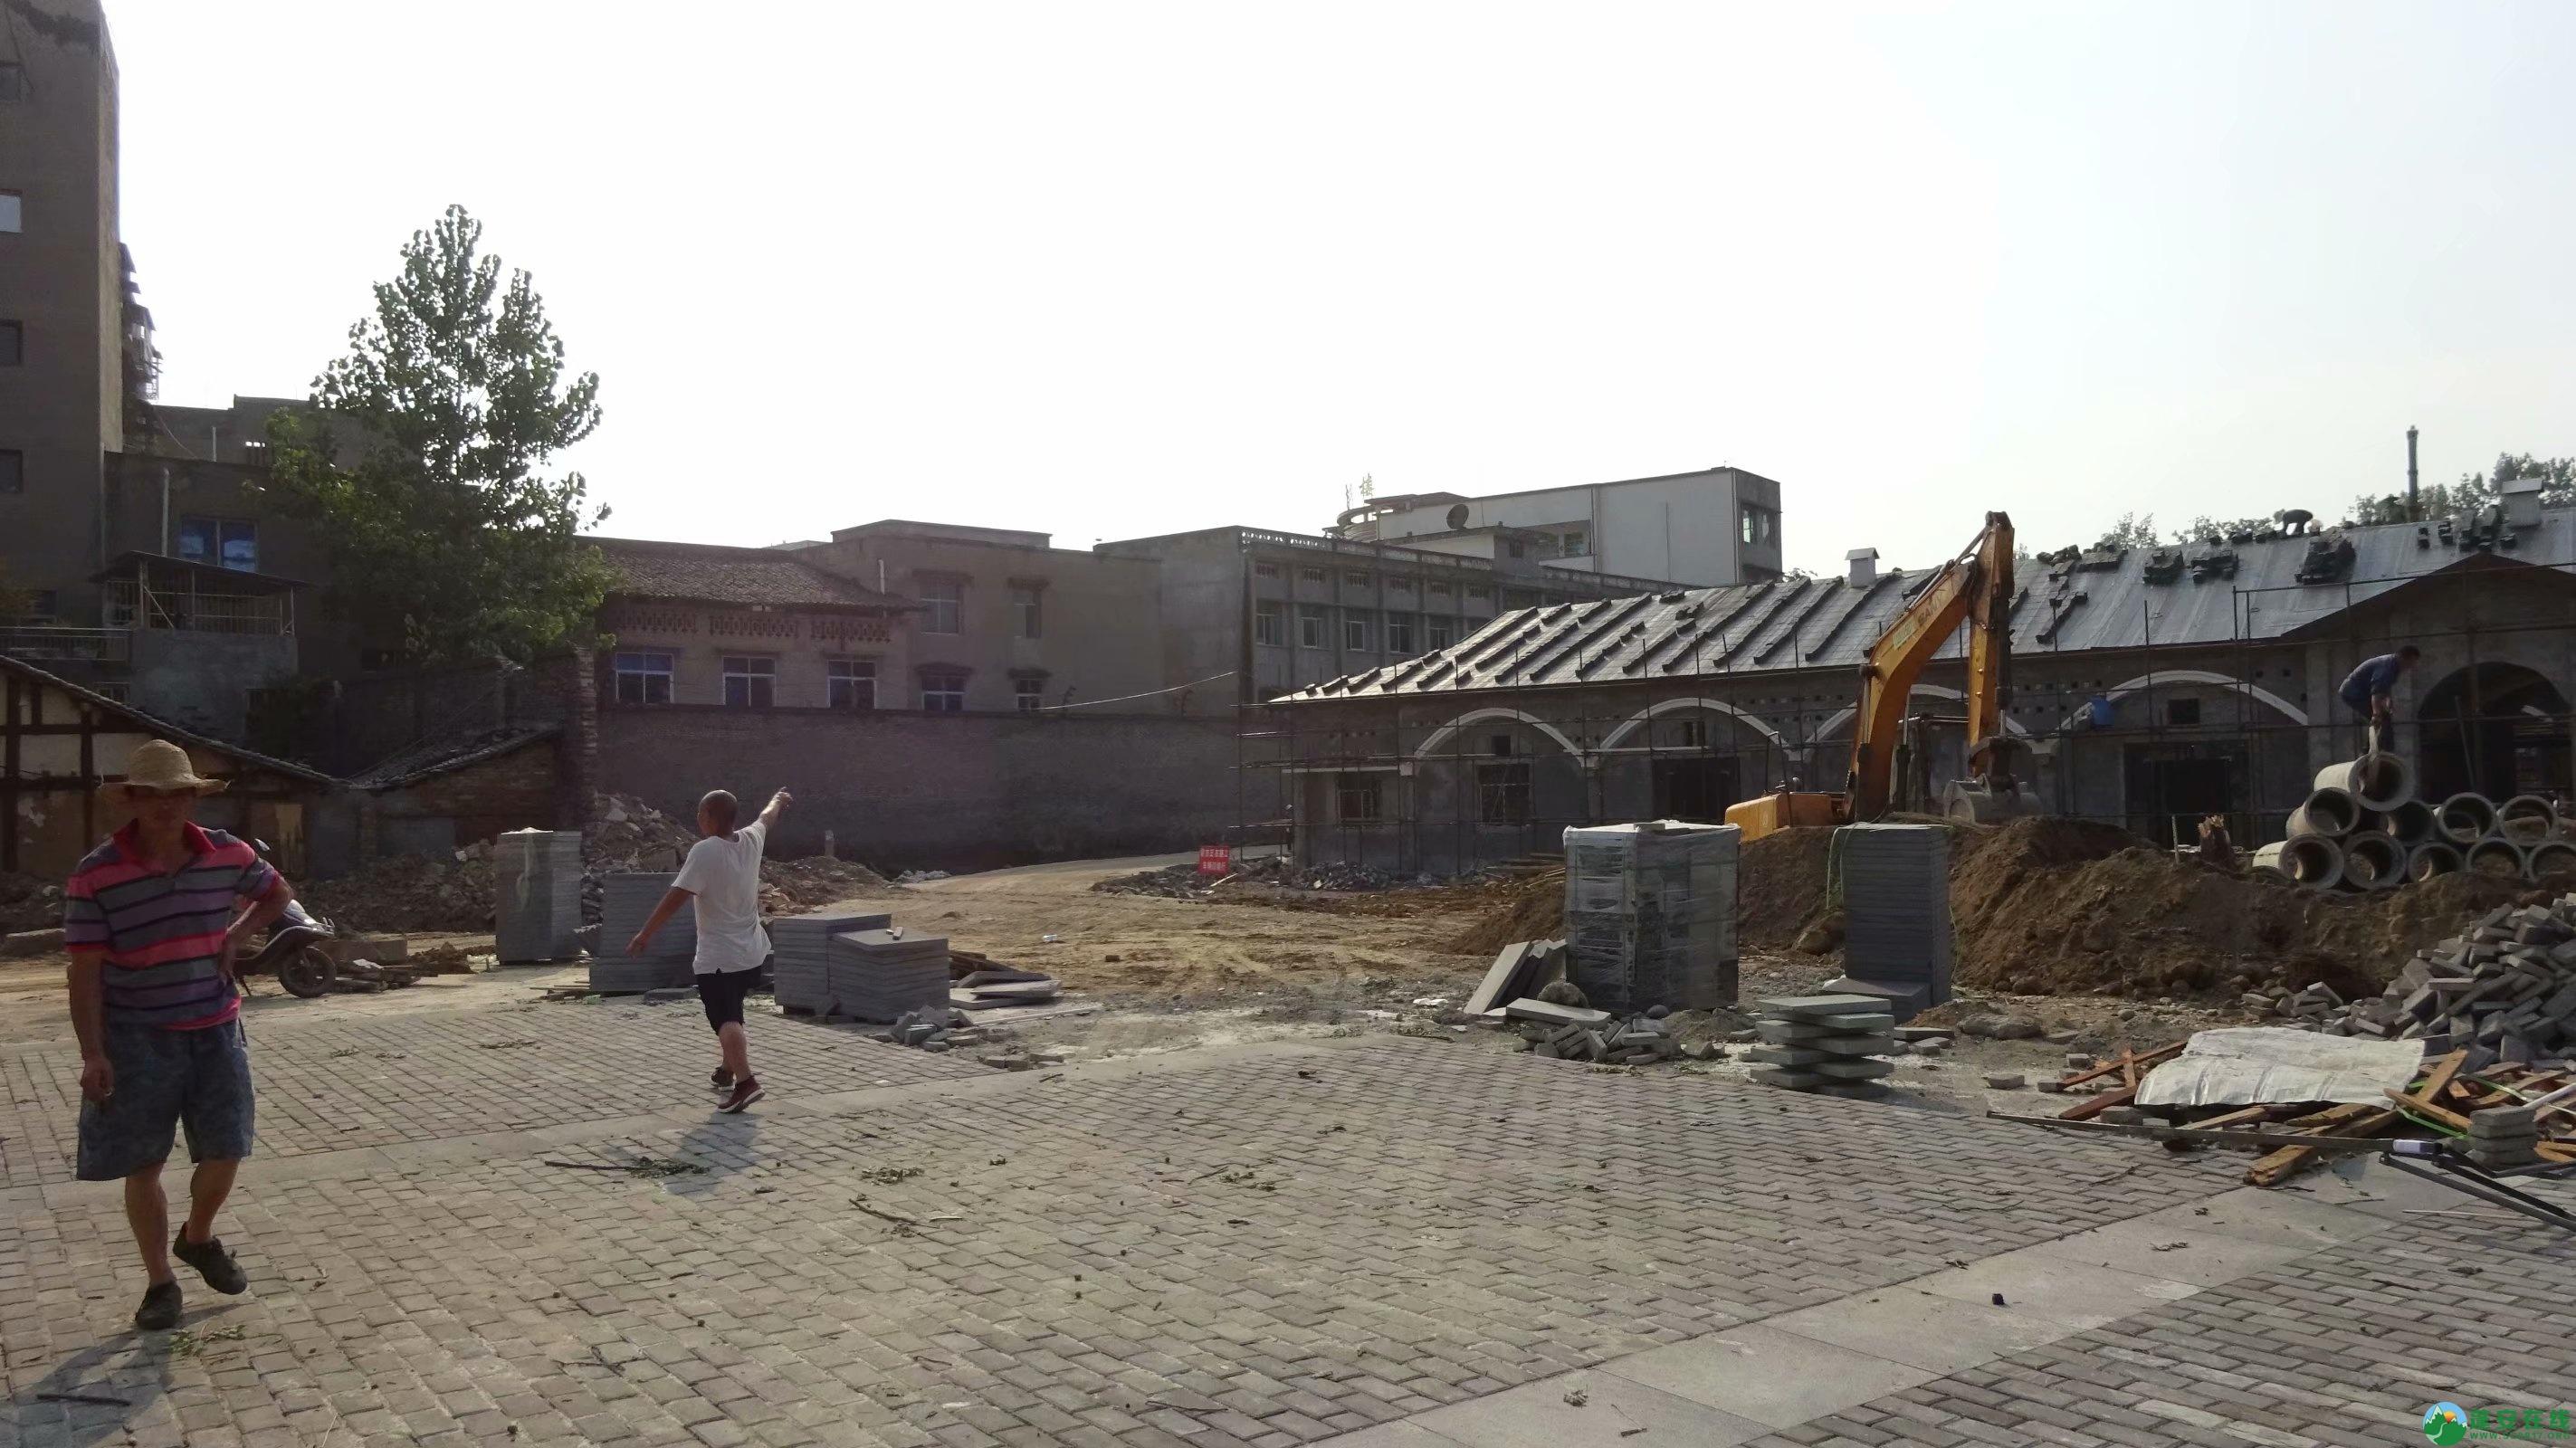 蓬安锦屏相如故城建设迅猛 - 第64张  | 蓬安在线